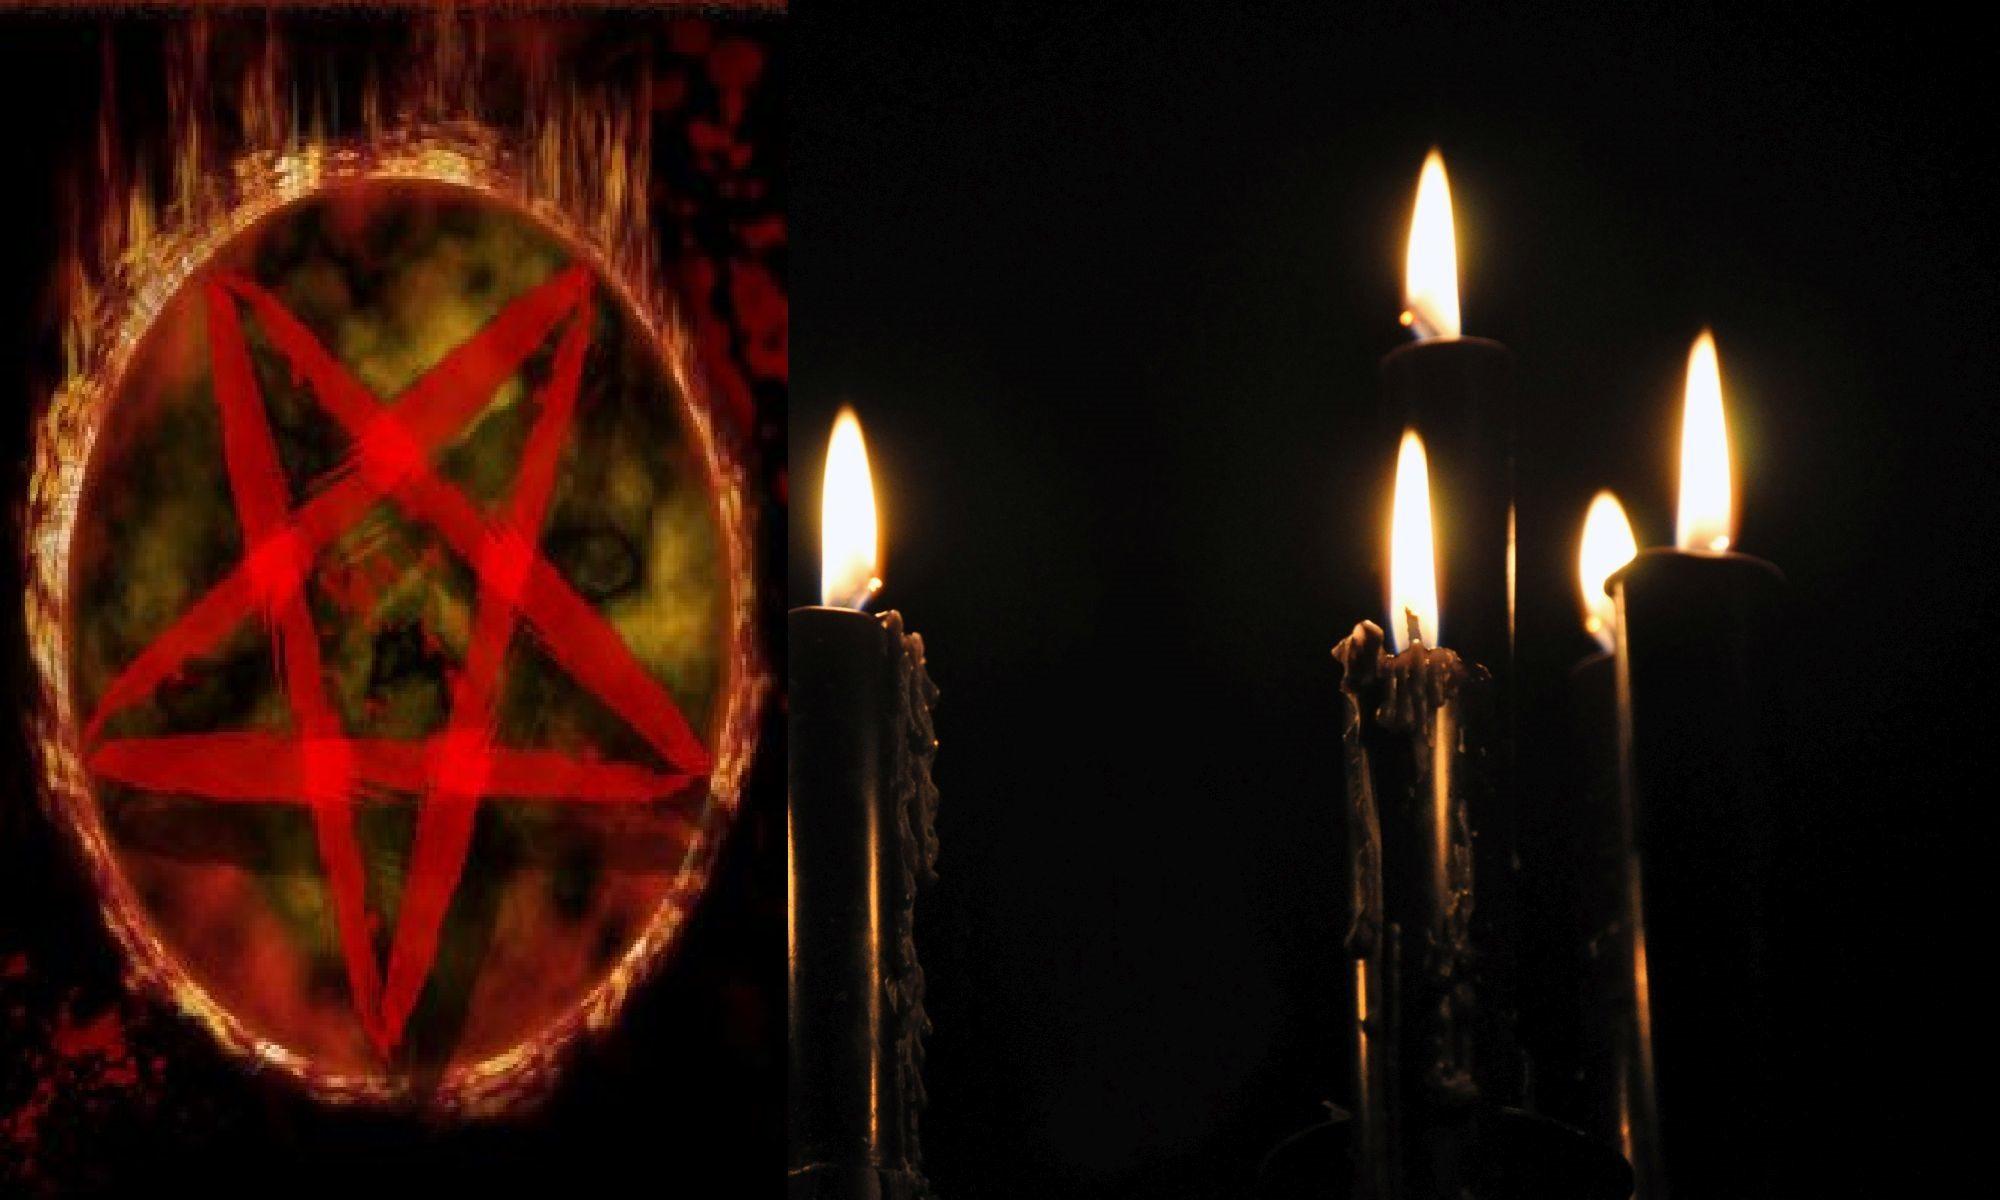 Amarrações, magia negra, trabalhos de magia negra, vidência, bruxarias, rituais, feitiços, trabalhos de magia para o amor e todos os fins